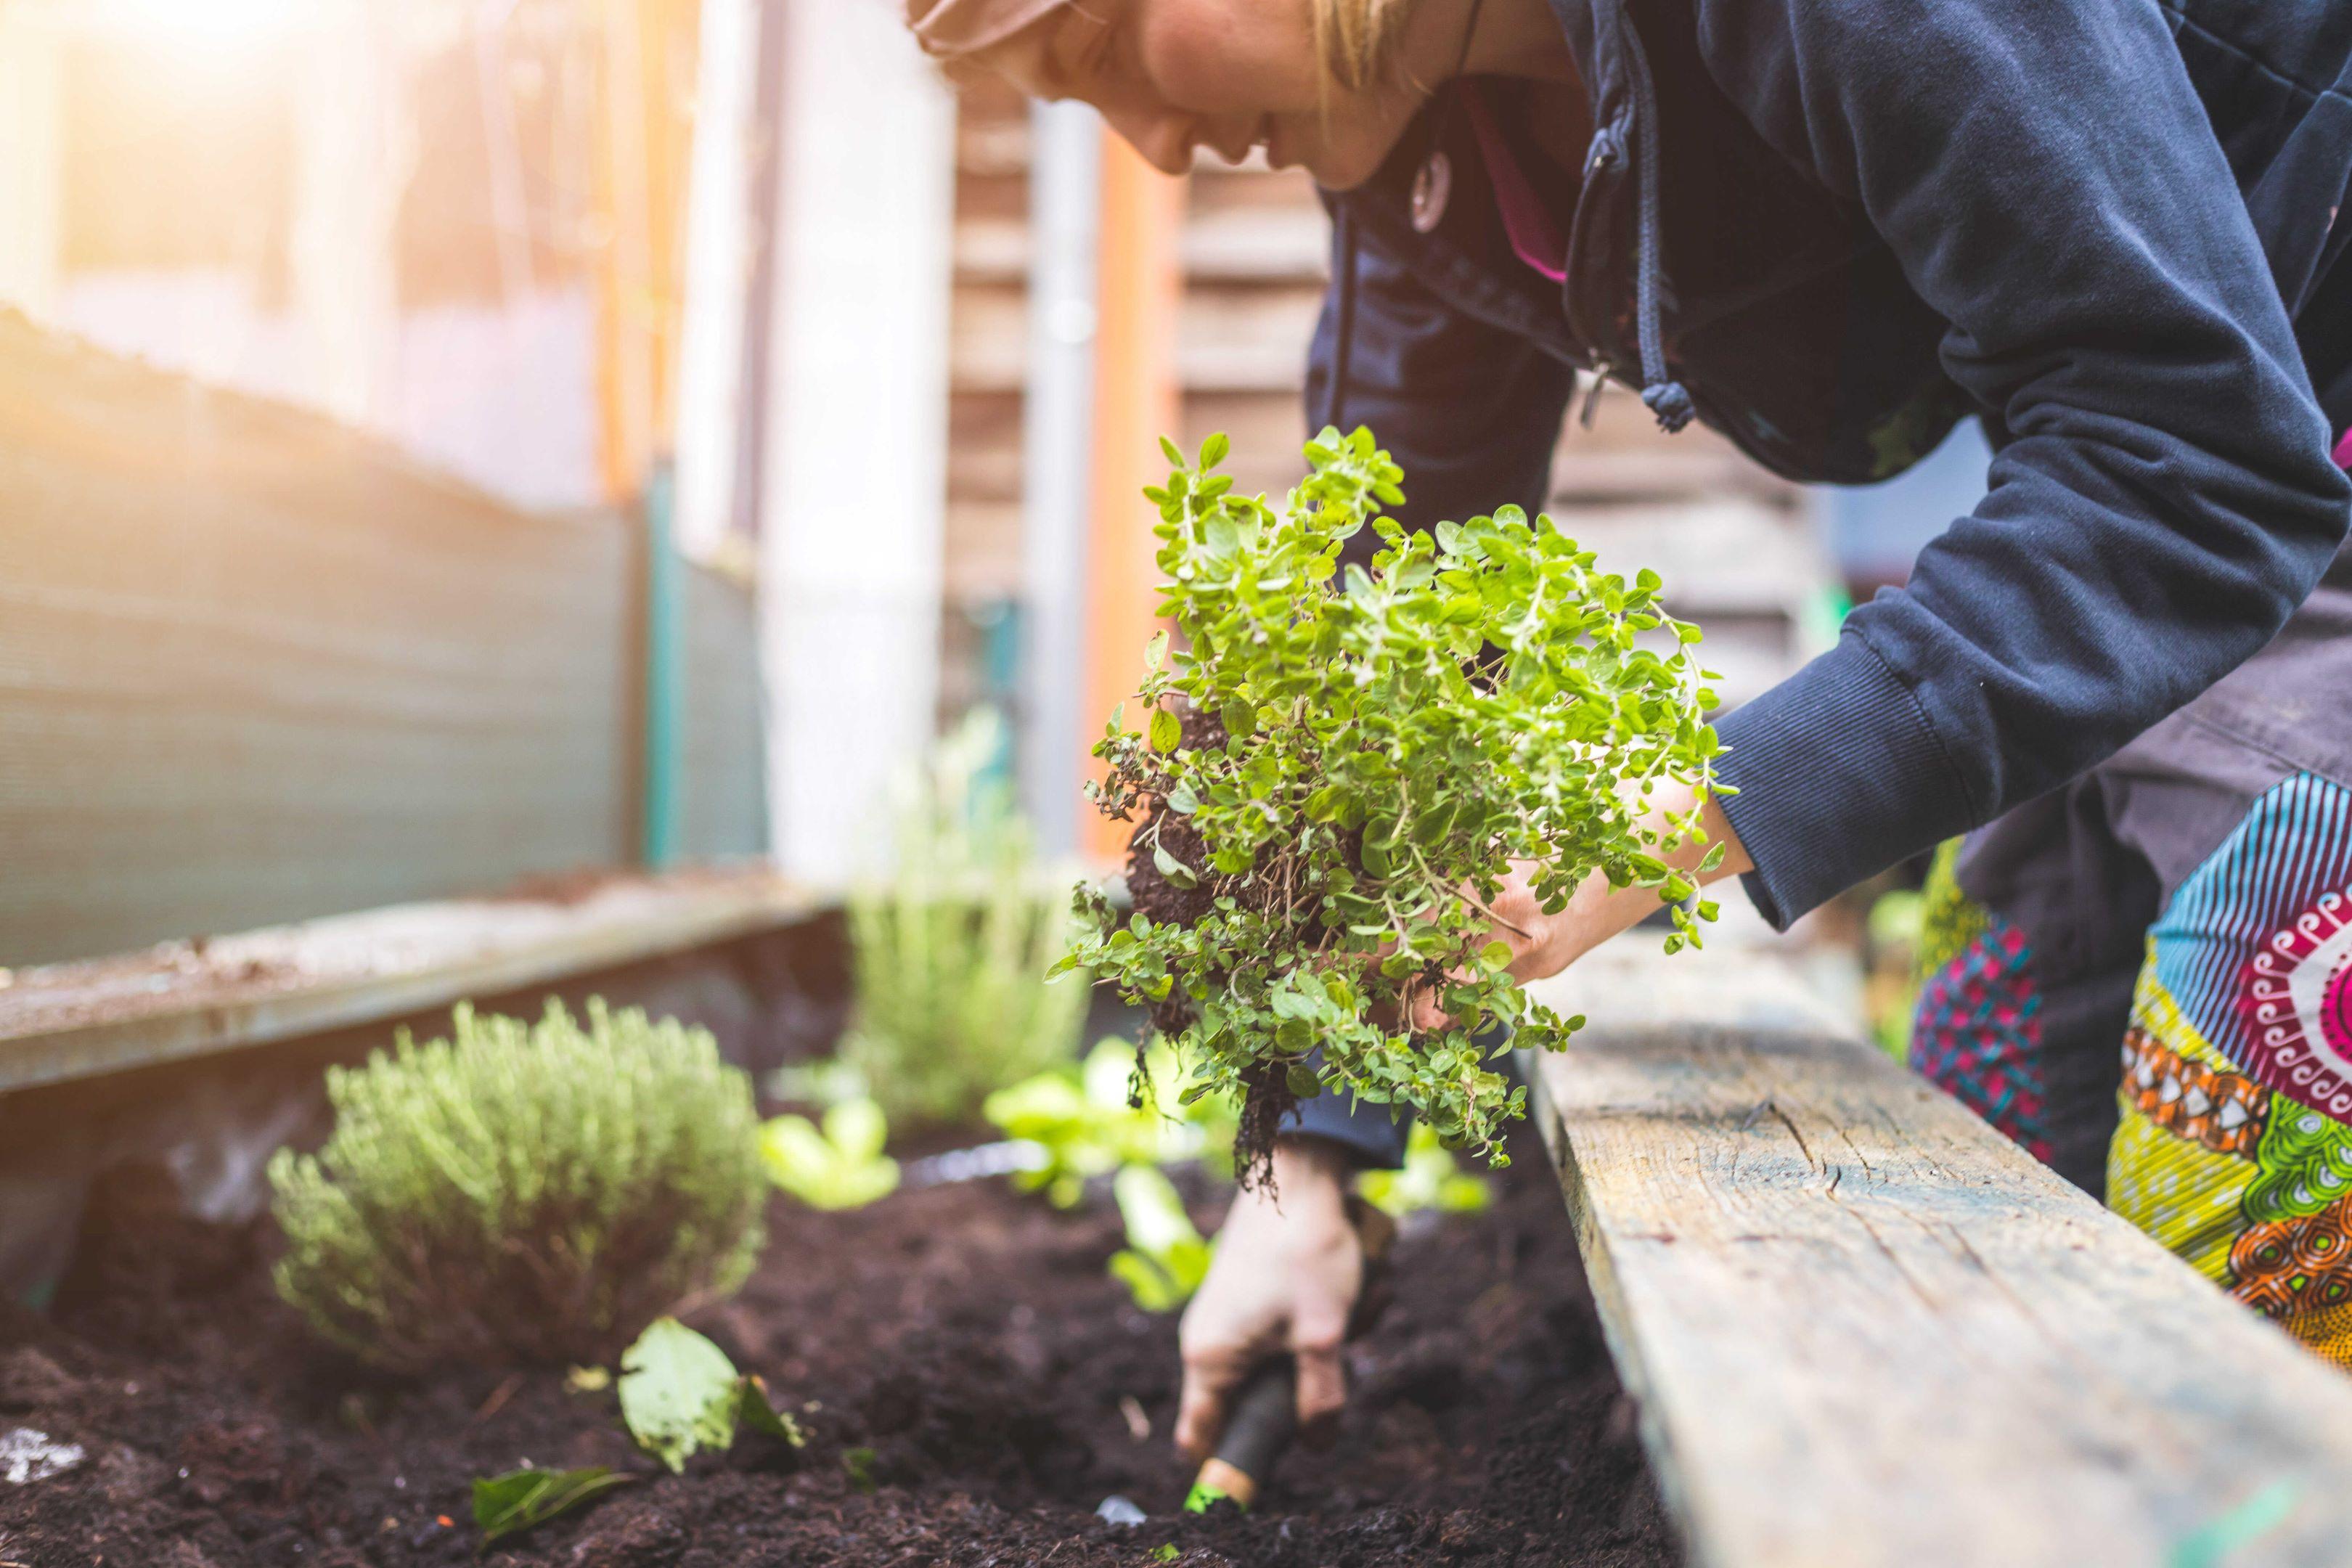 Vi sköter om er trädgård och utför innergårdsrenovering i Stockholm.